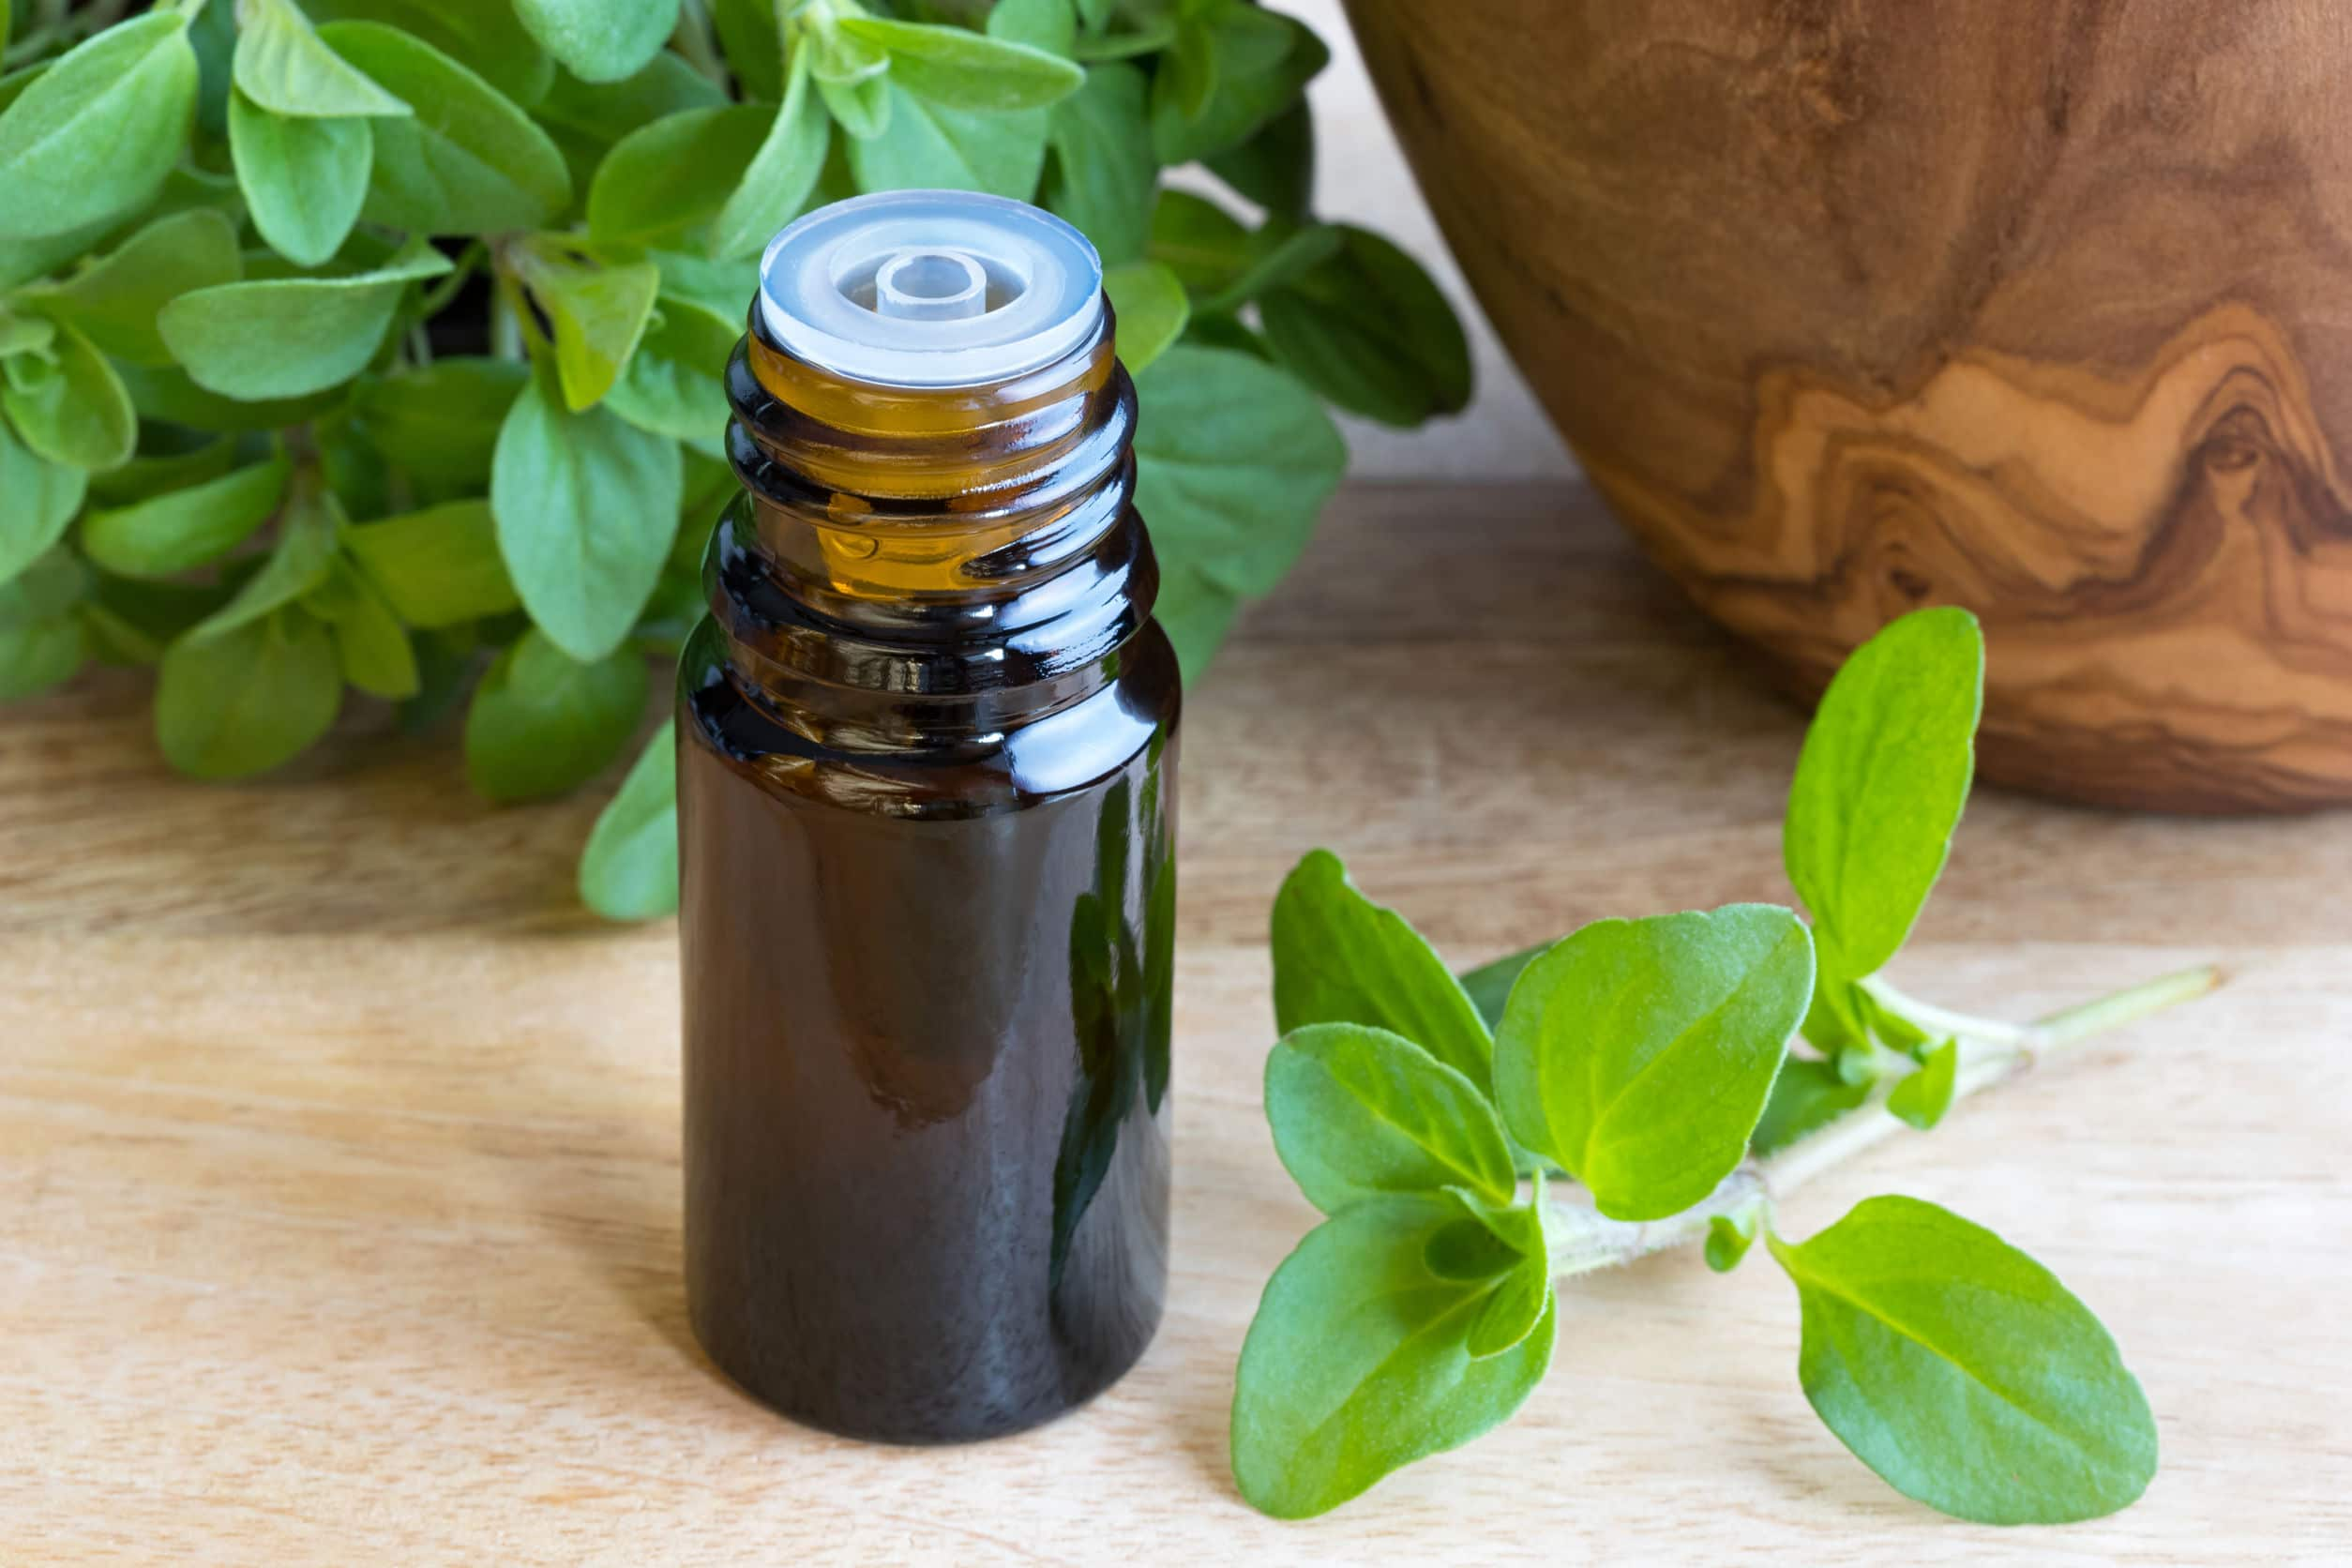 Frasco de óleo ao lado de folhas de manjerona.